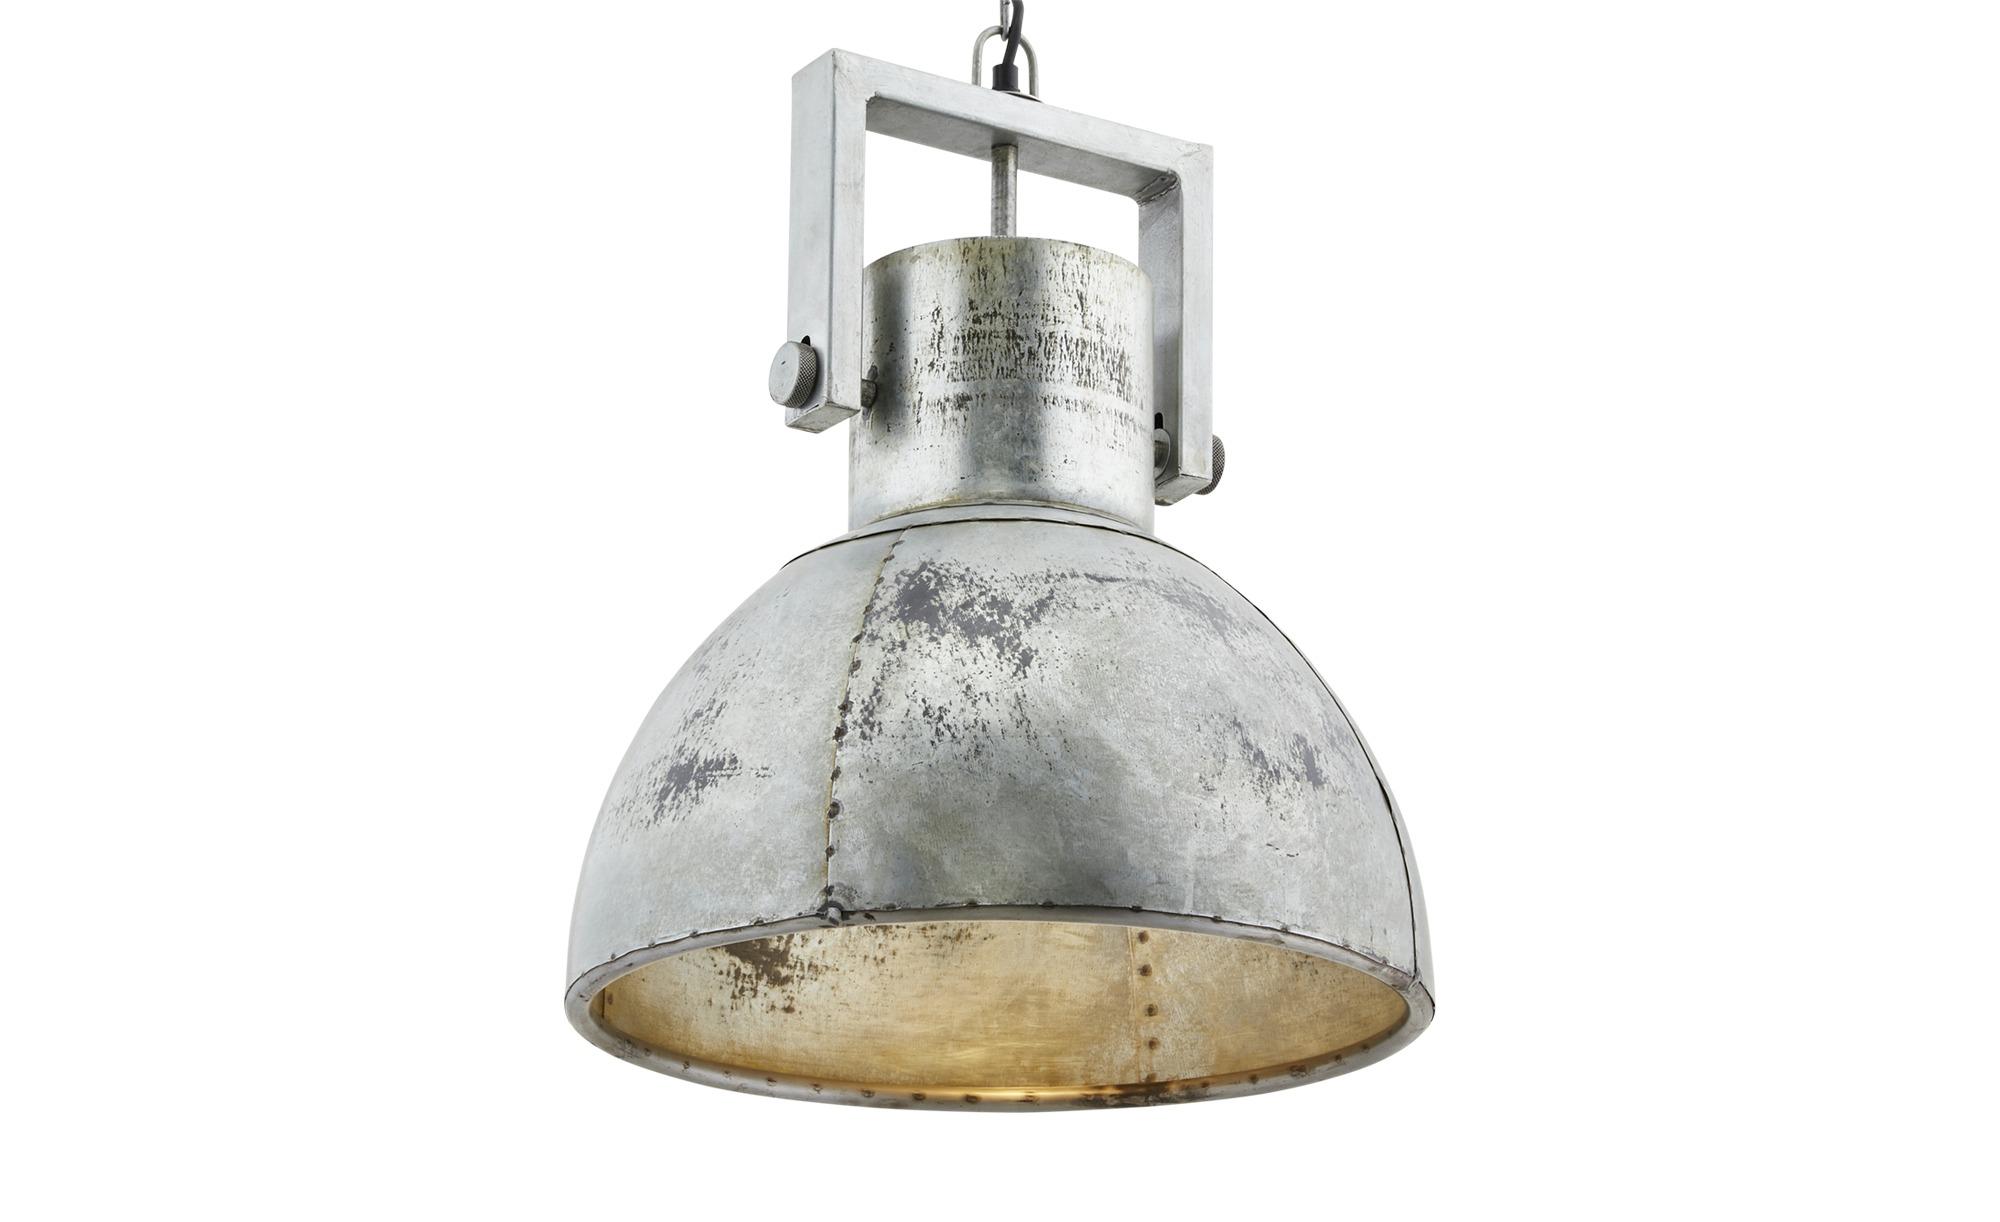 Paul Neuhaus Pendelleuchte, 1-flammig, Industrie-Stil ¦ grau ¦ Maße (cm): H: 120 Ø: 40 Lampen & Leuchten > Innenleuchten > Pendelleuchten - Höffner